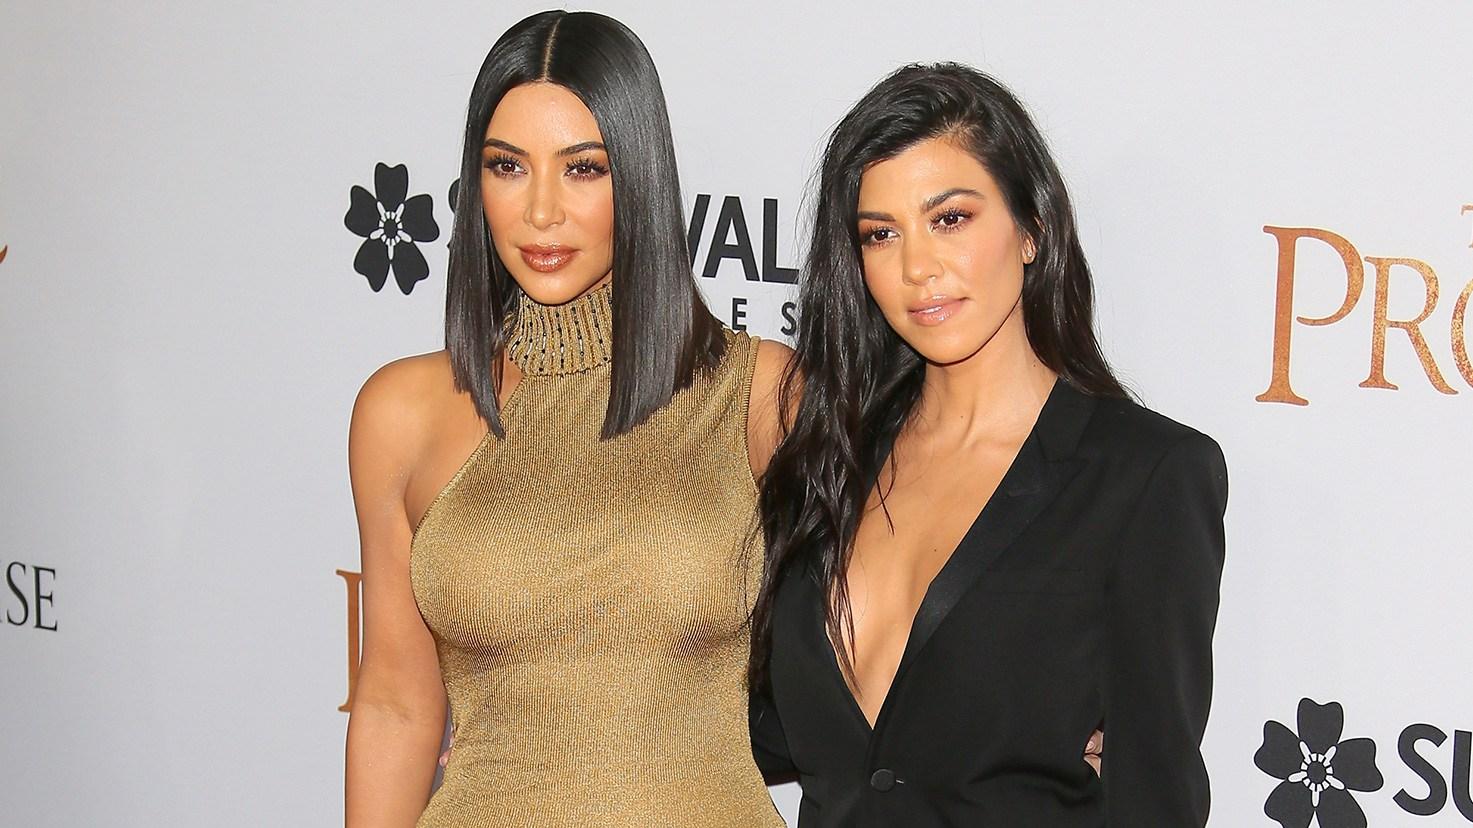 Kim Kardashian West, Kourtney Kardashian, Keeping Up with the Kardashians